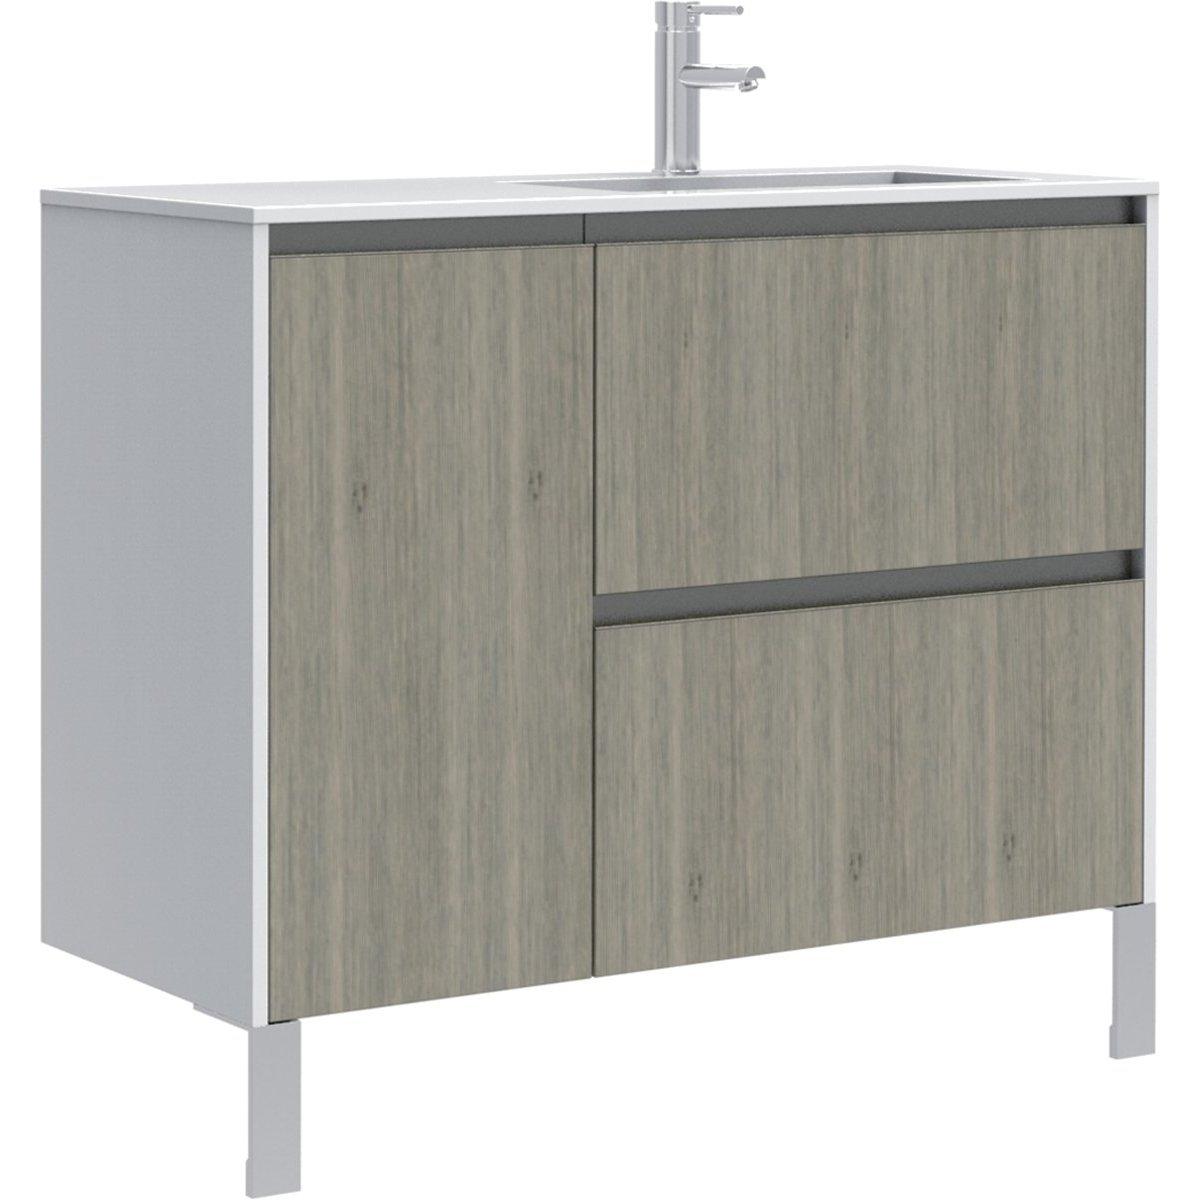 Meuble sous vasque plenitude 105 cm 2 tiroirs 1 porte pour for Porte largeur 70